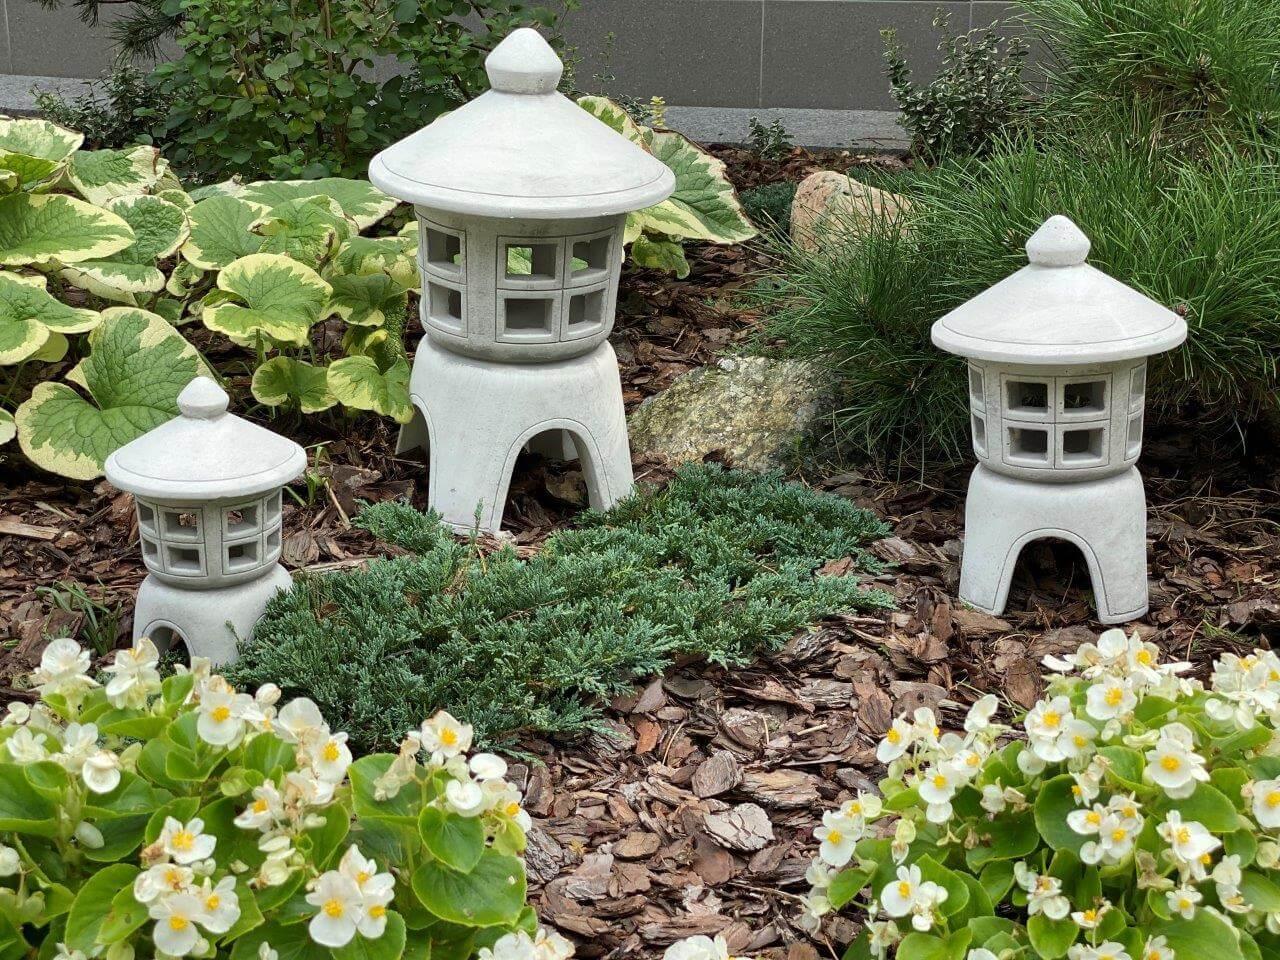 lampy ogrodowe w japońskim stylu